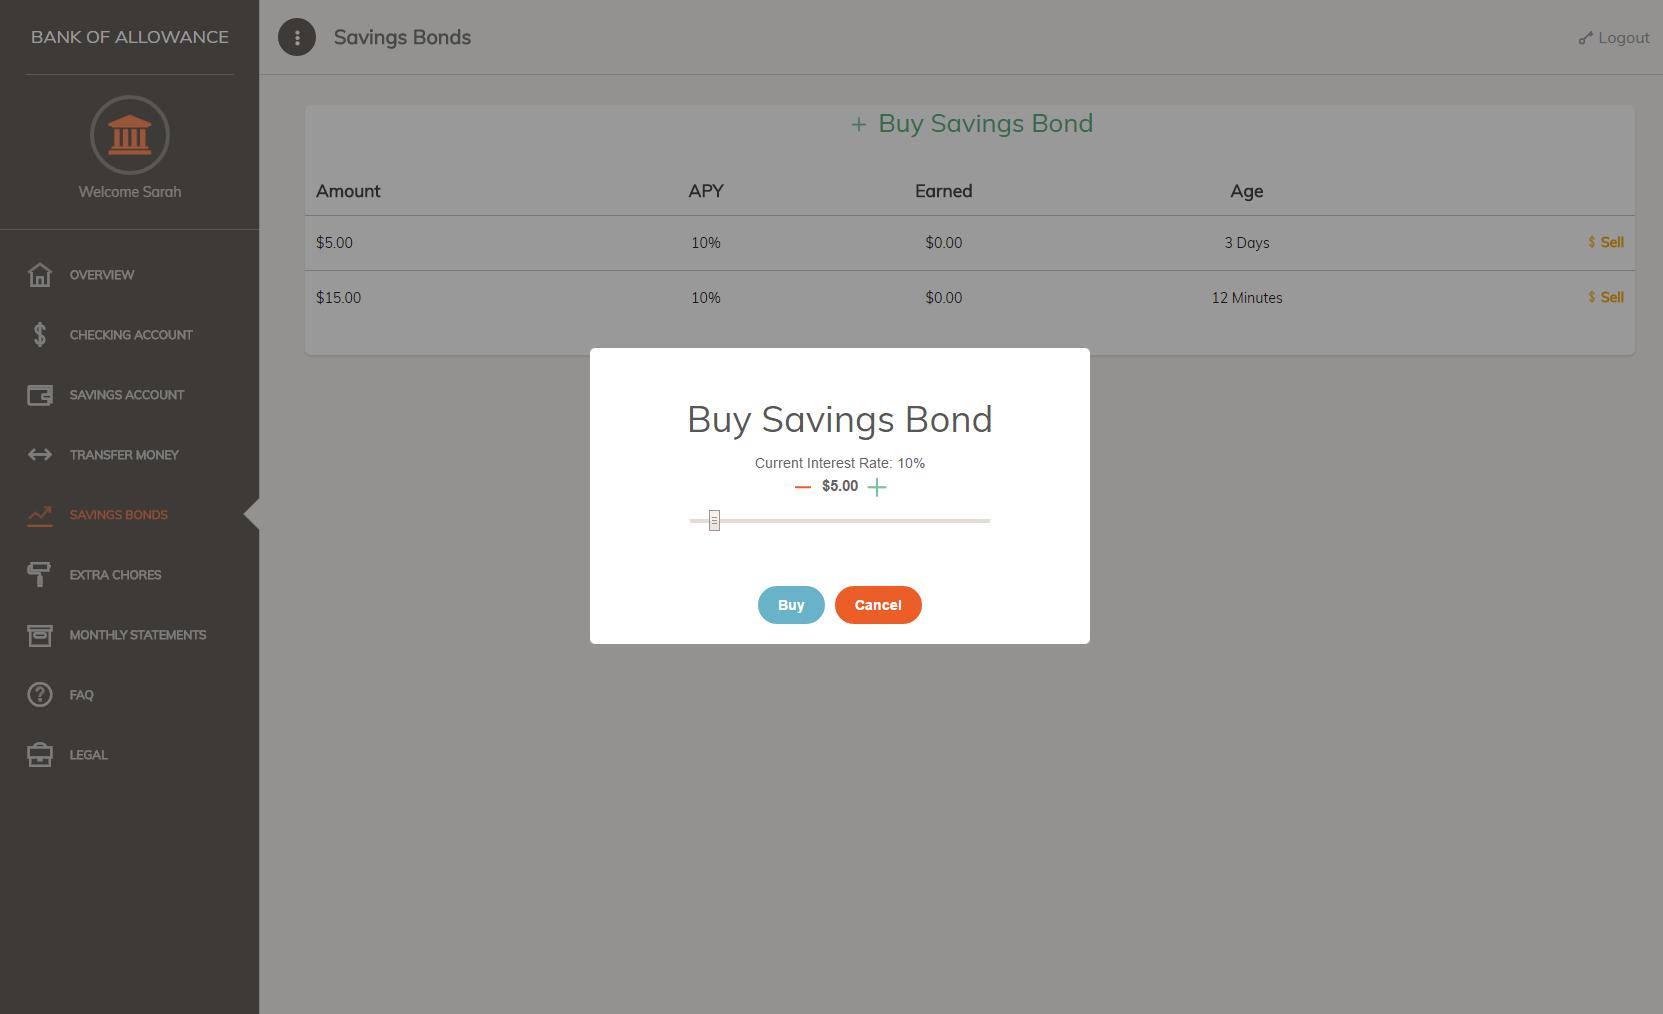 Child - Buy Savings Bond